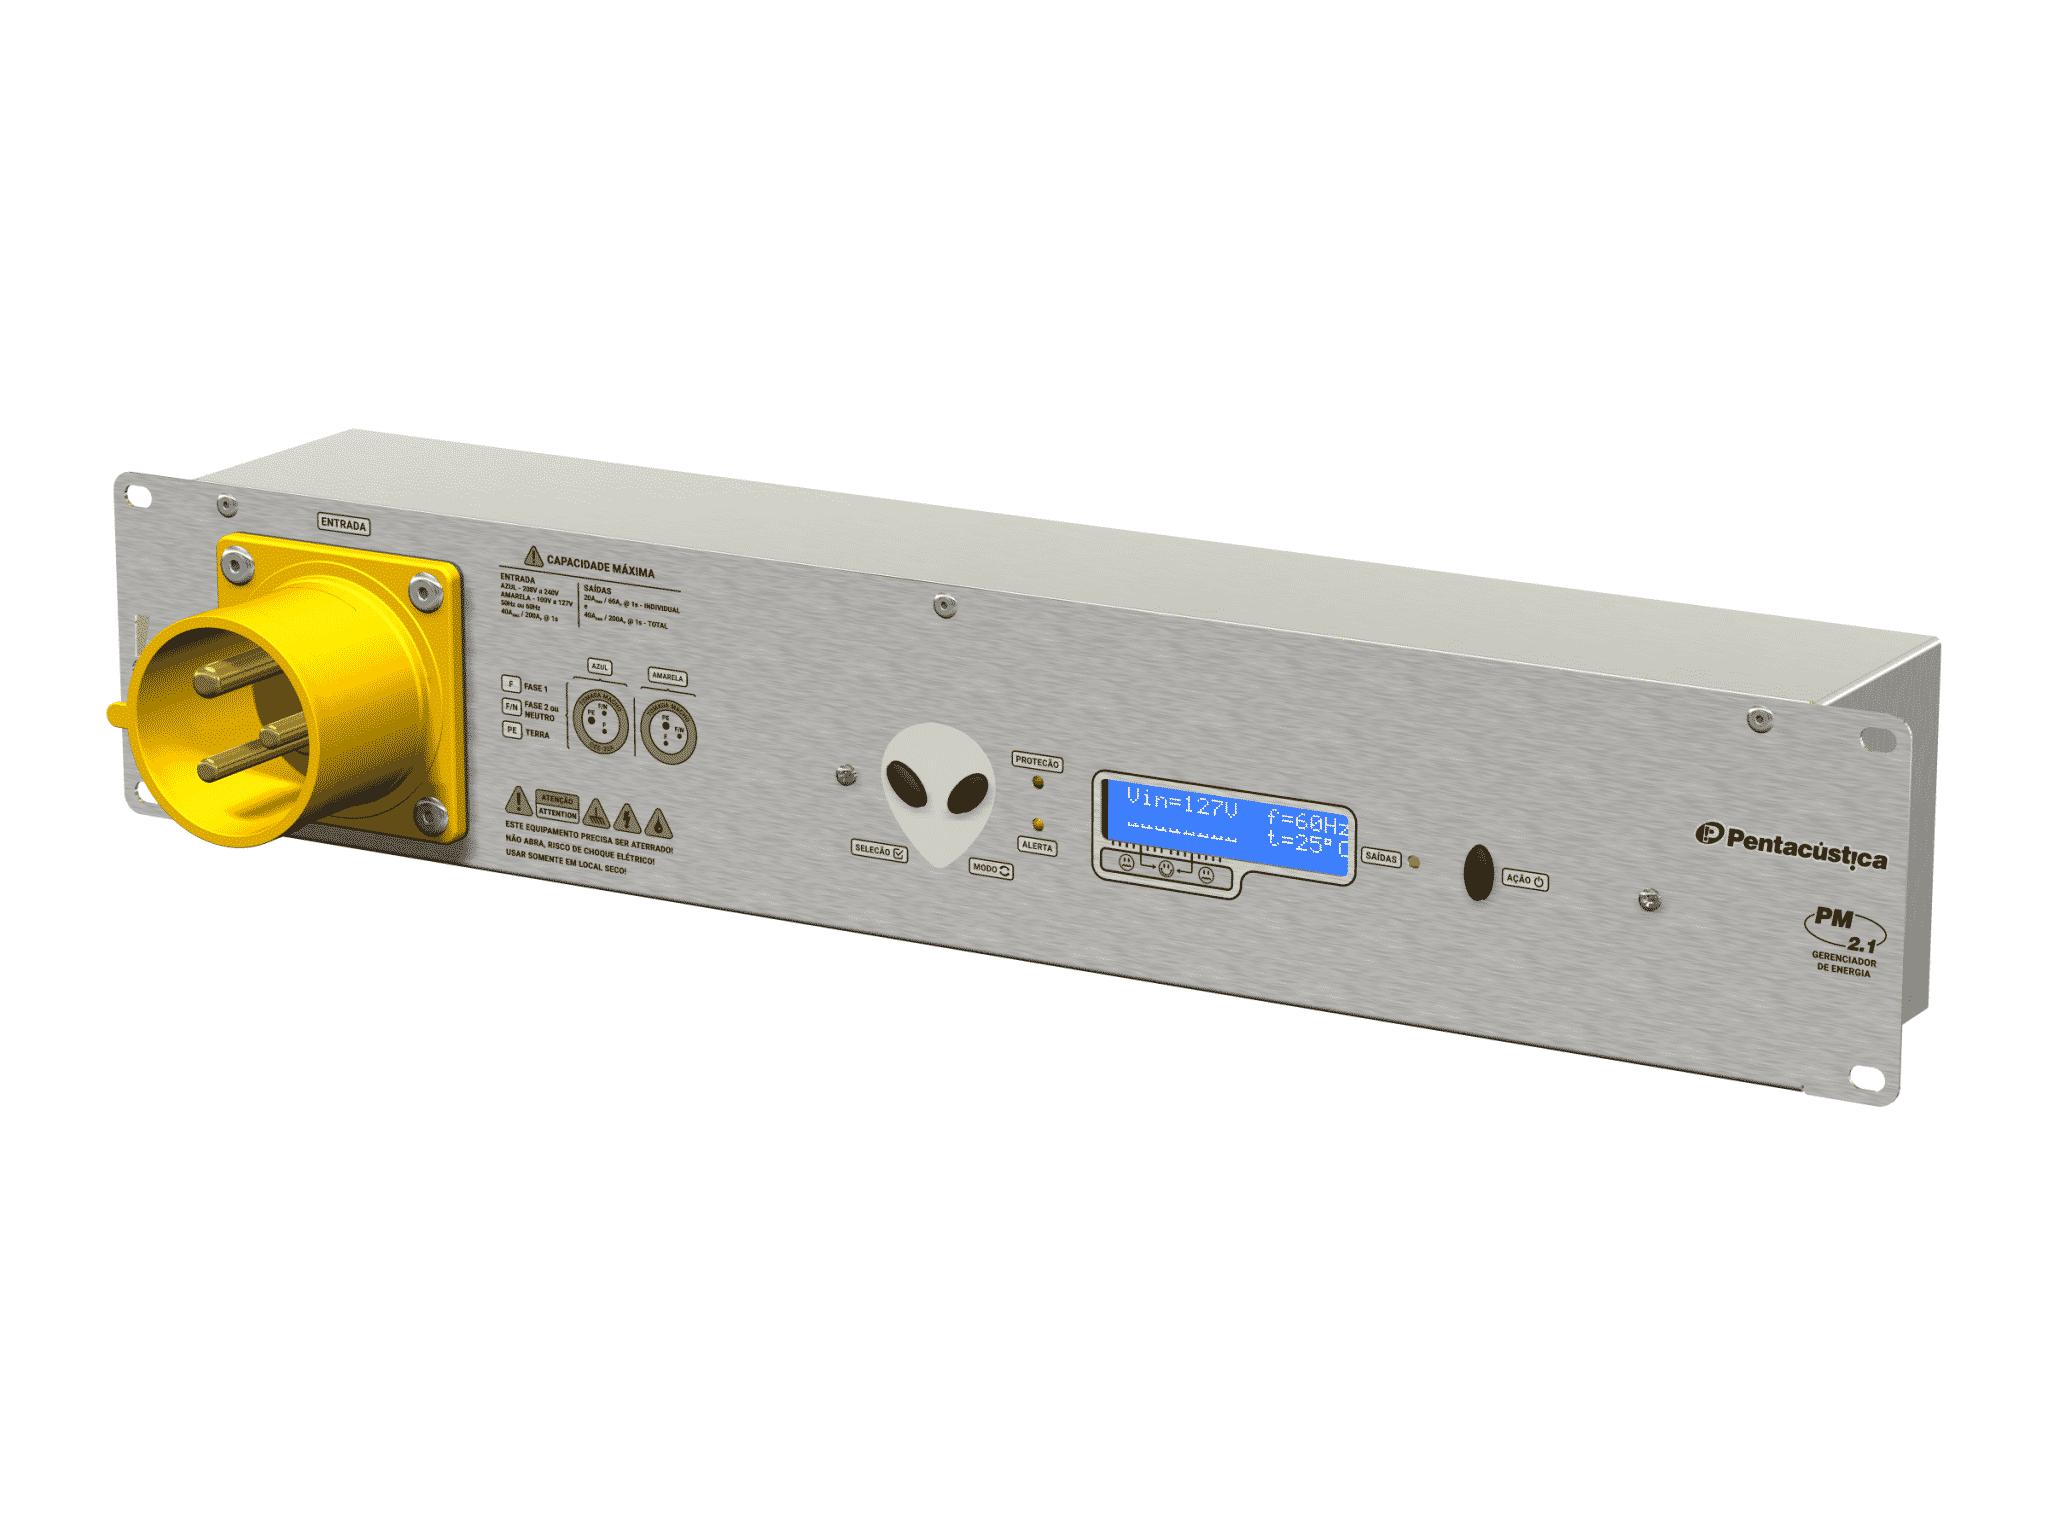 Pentacústica PM-2.1_NBR_110V_IM100247